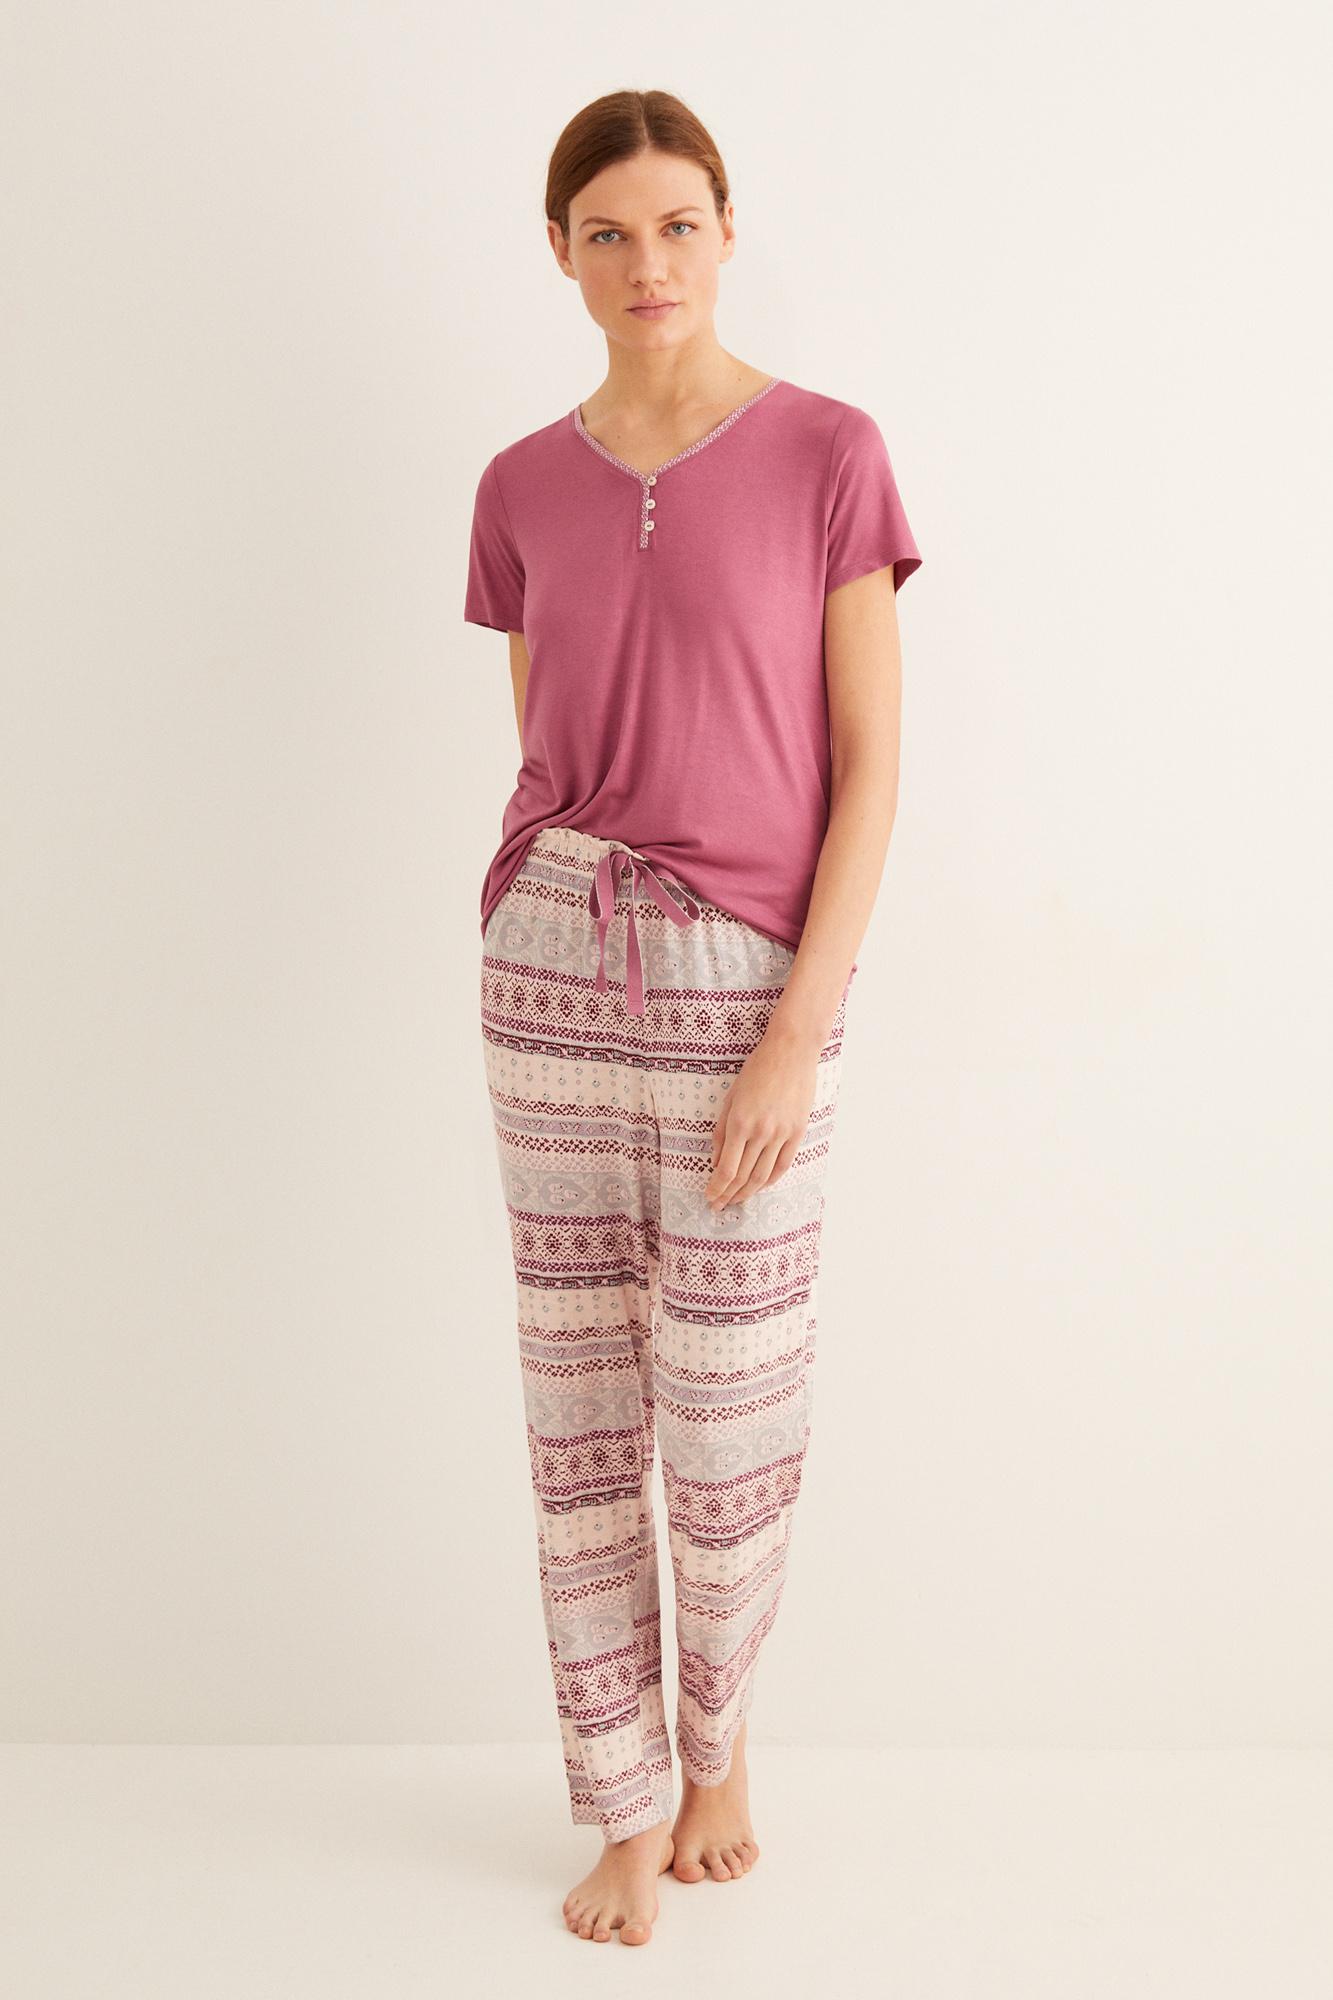 Длинная пижама с принтом | Длинные пижамы | Women